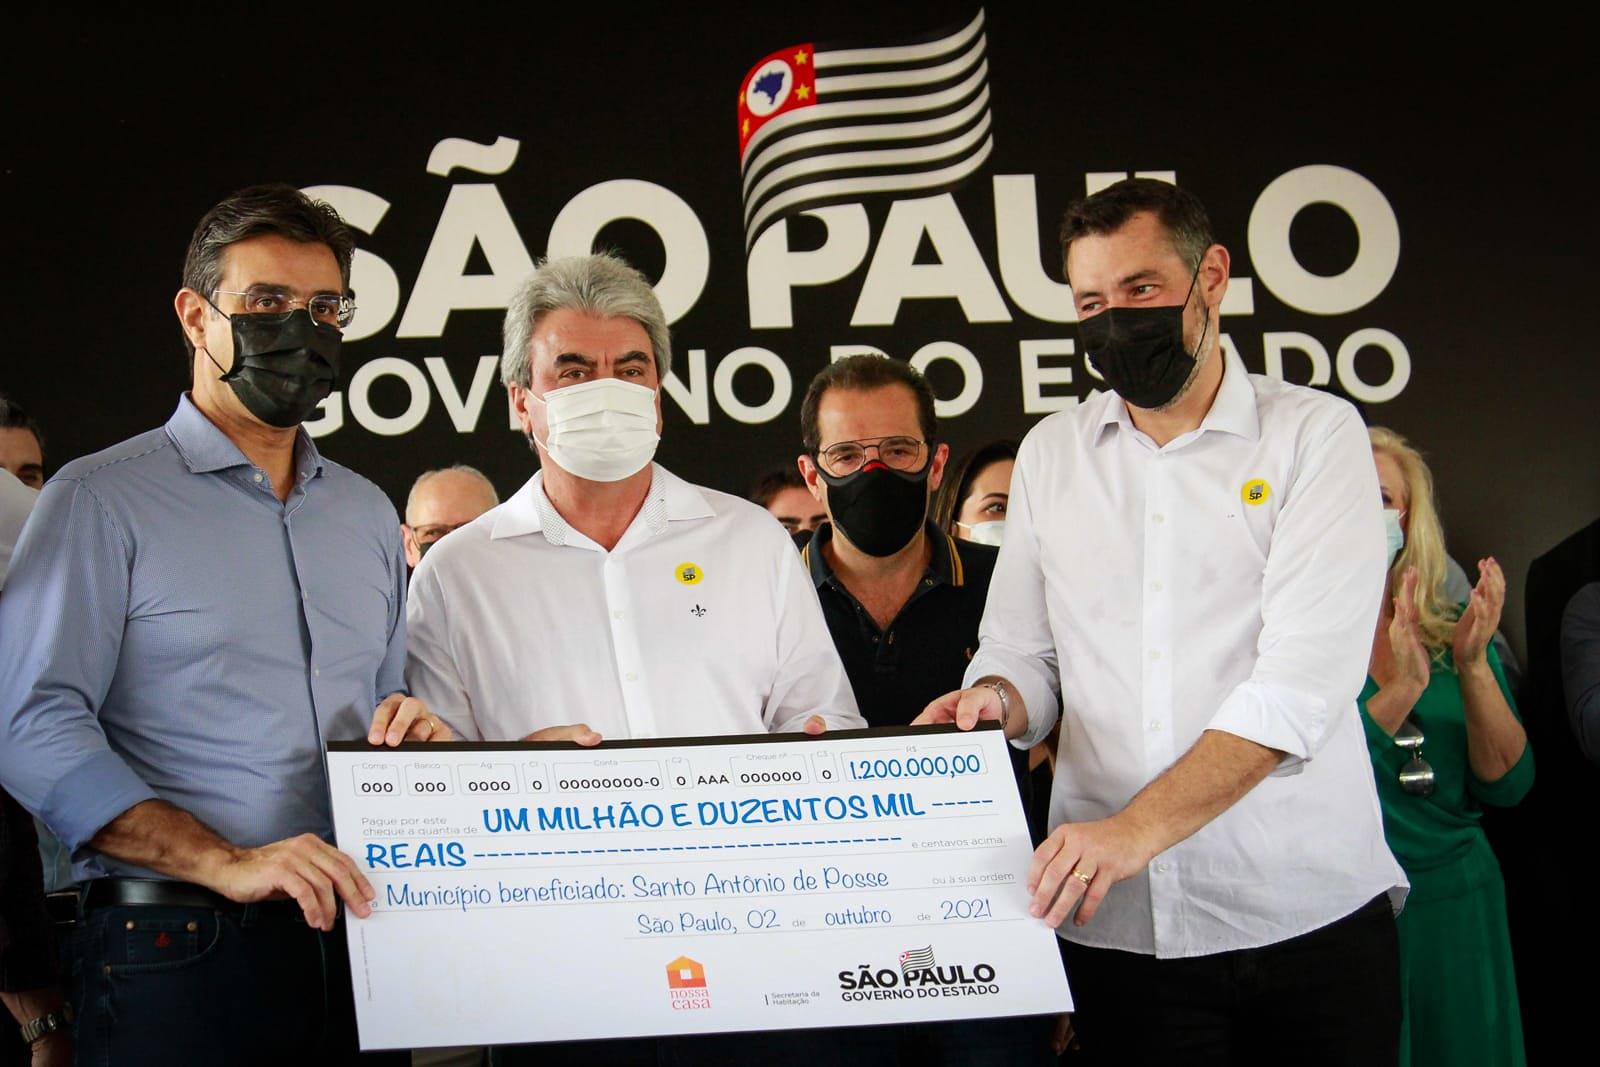 Anúncios do Governo de SP em Jaguariúna